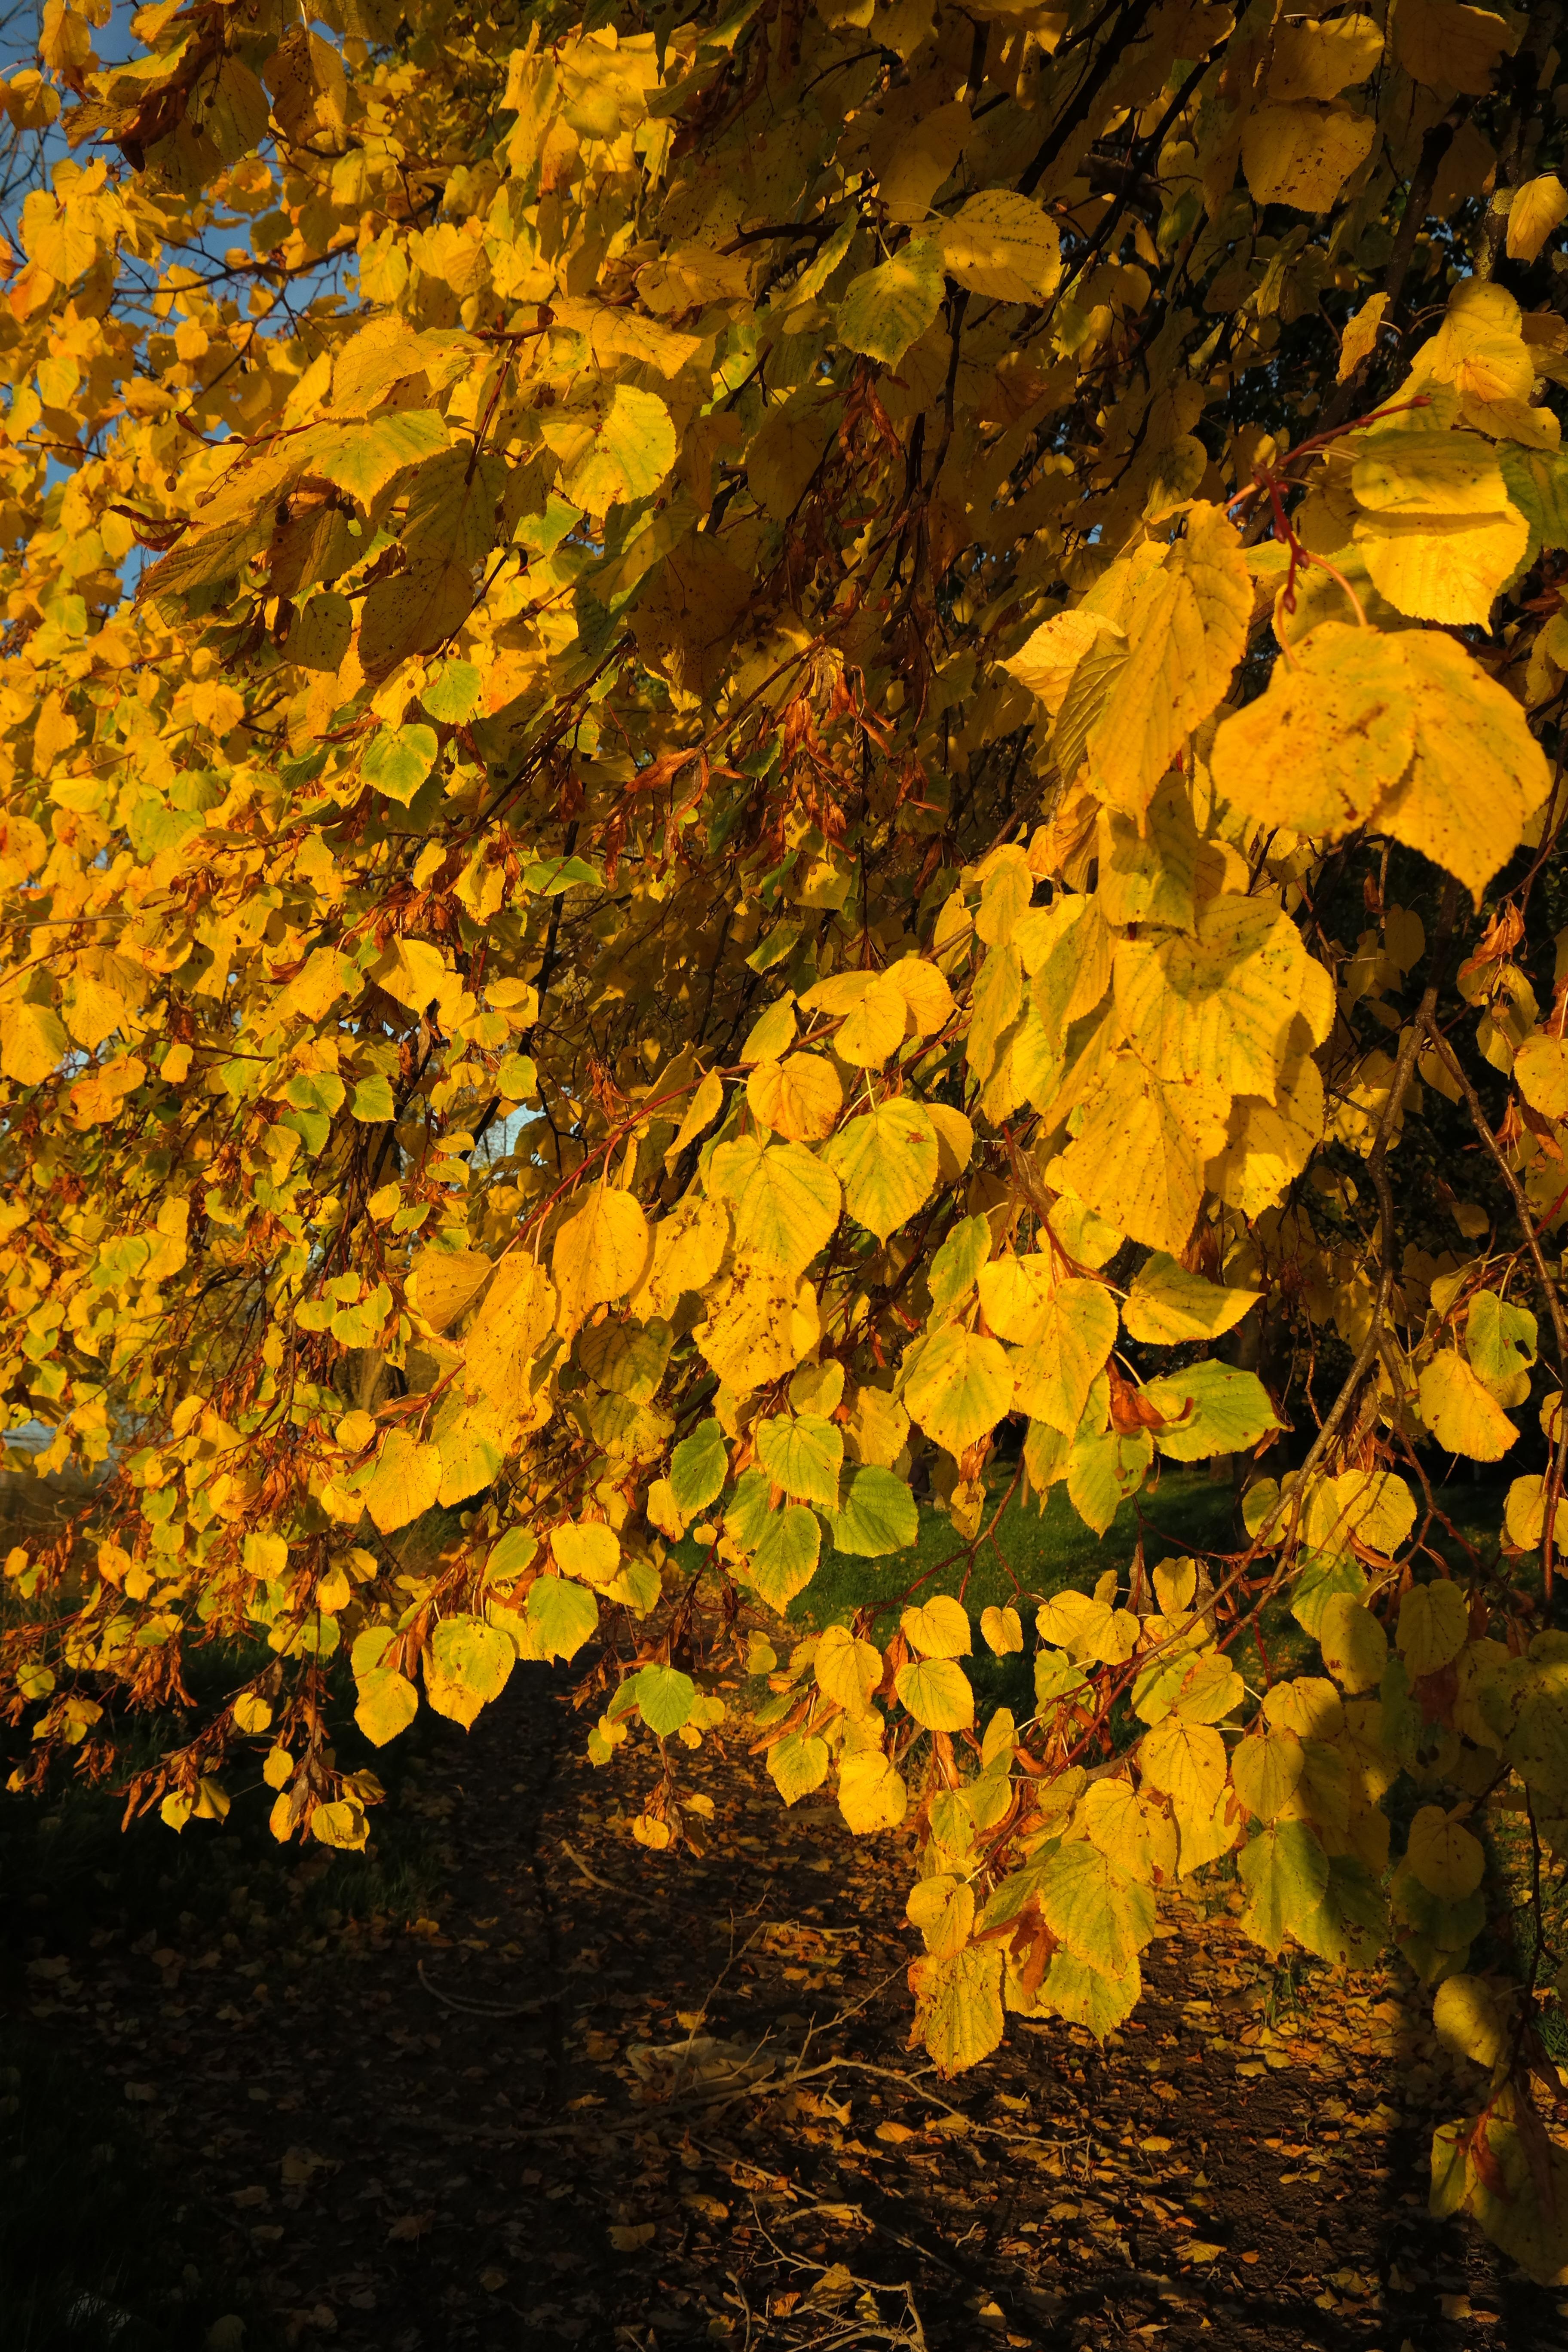 Fotoğraf Doğa şube Güneş ışığı çiçek Yeşillik Sonbahar Sarı